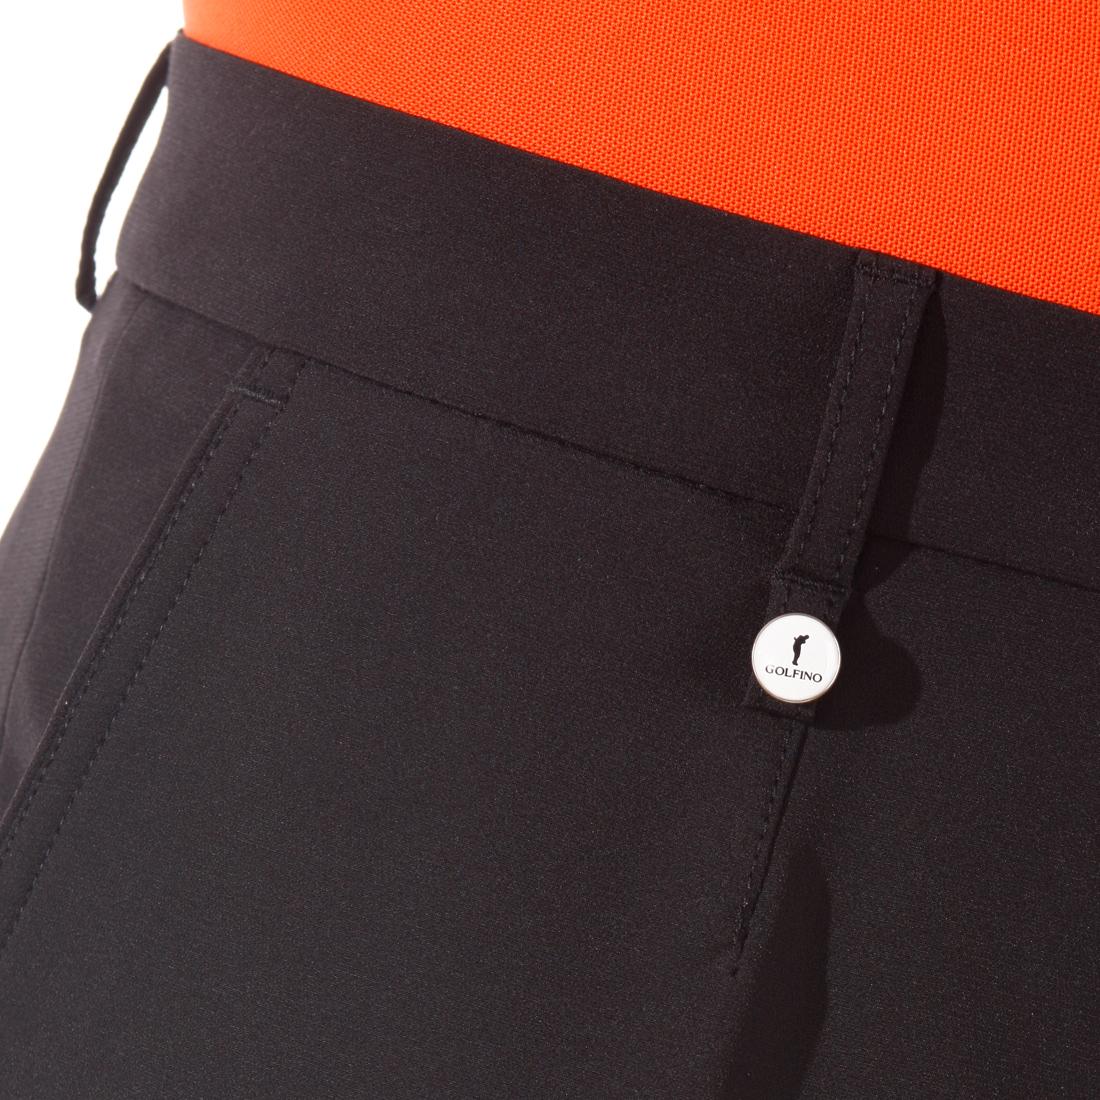 4-Way Stretch-Hose mit gebürsteter Innenseite